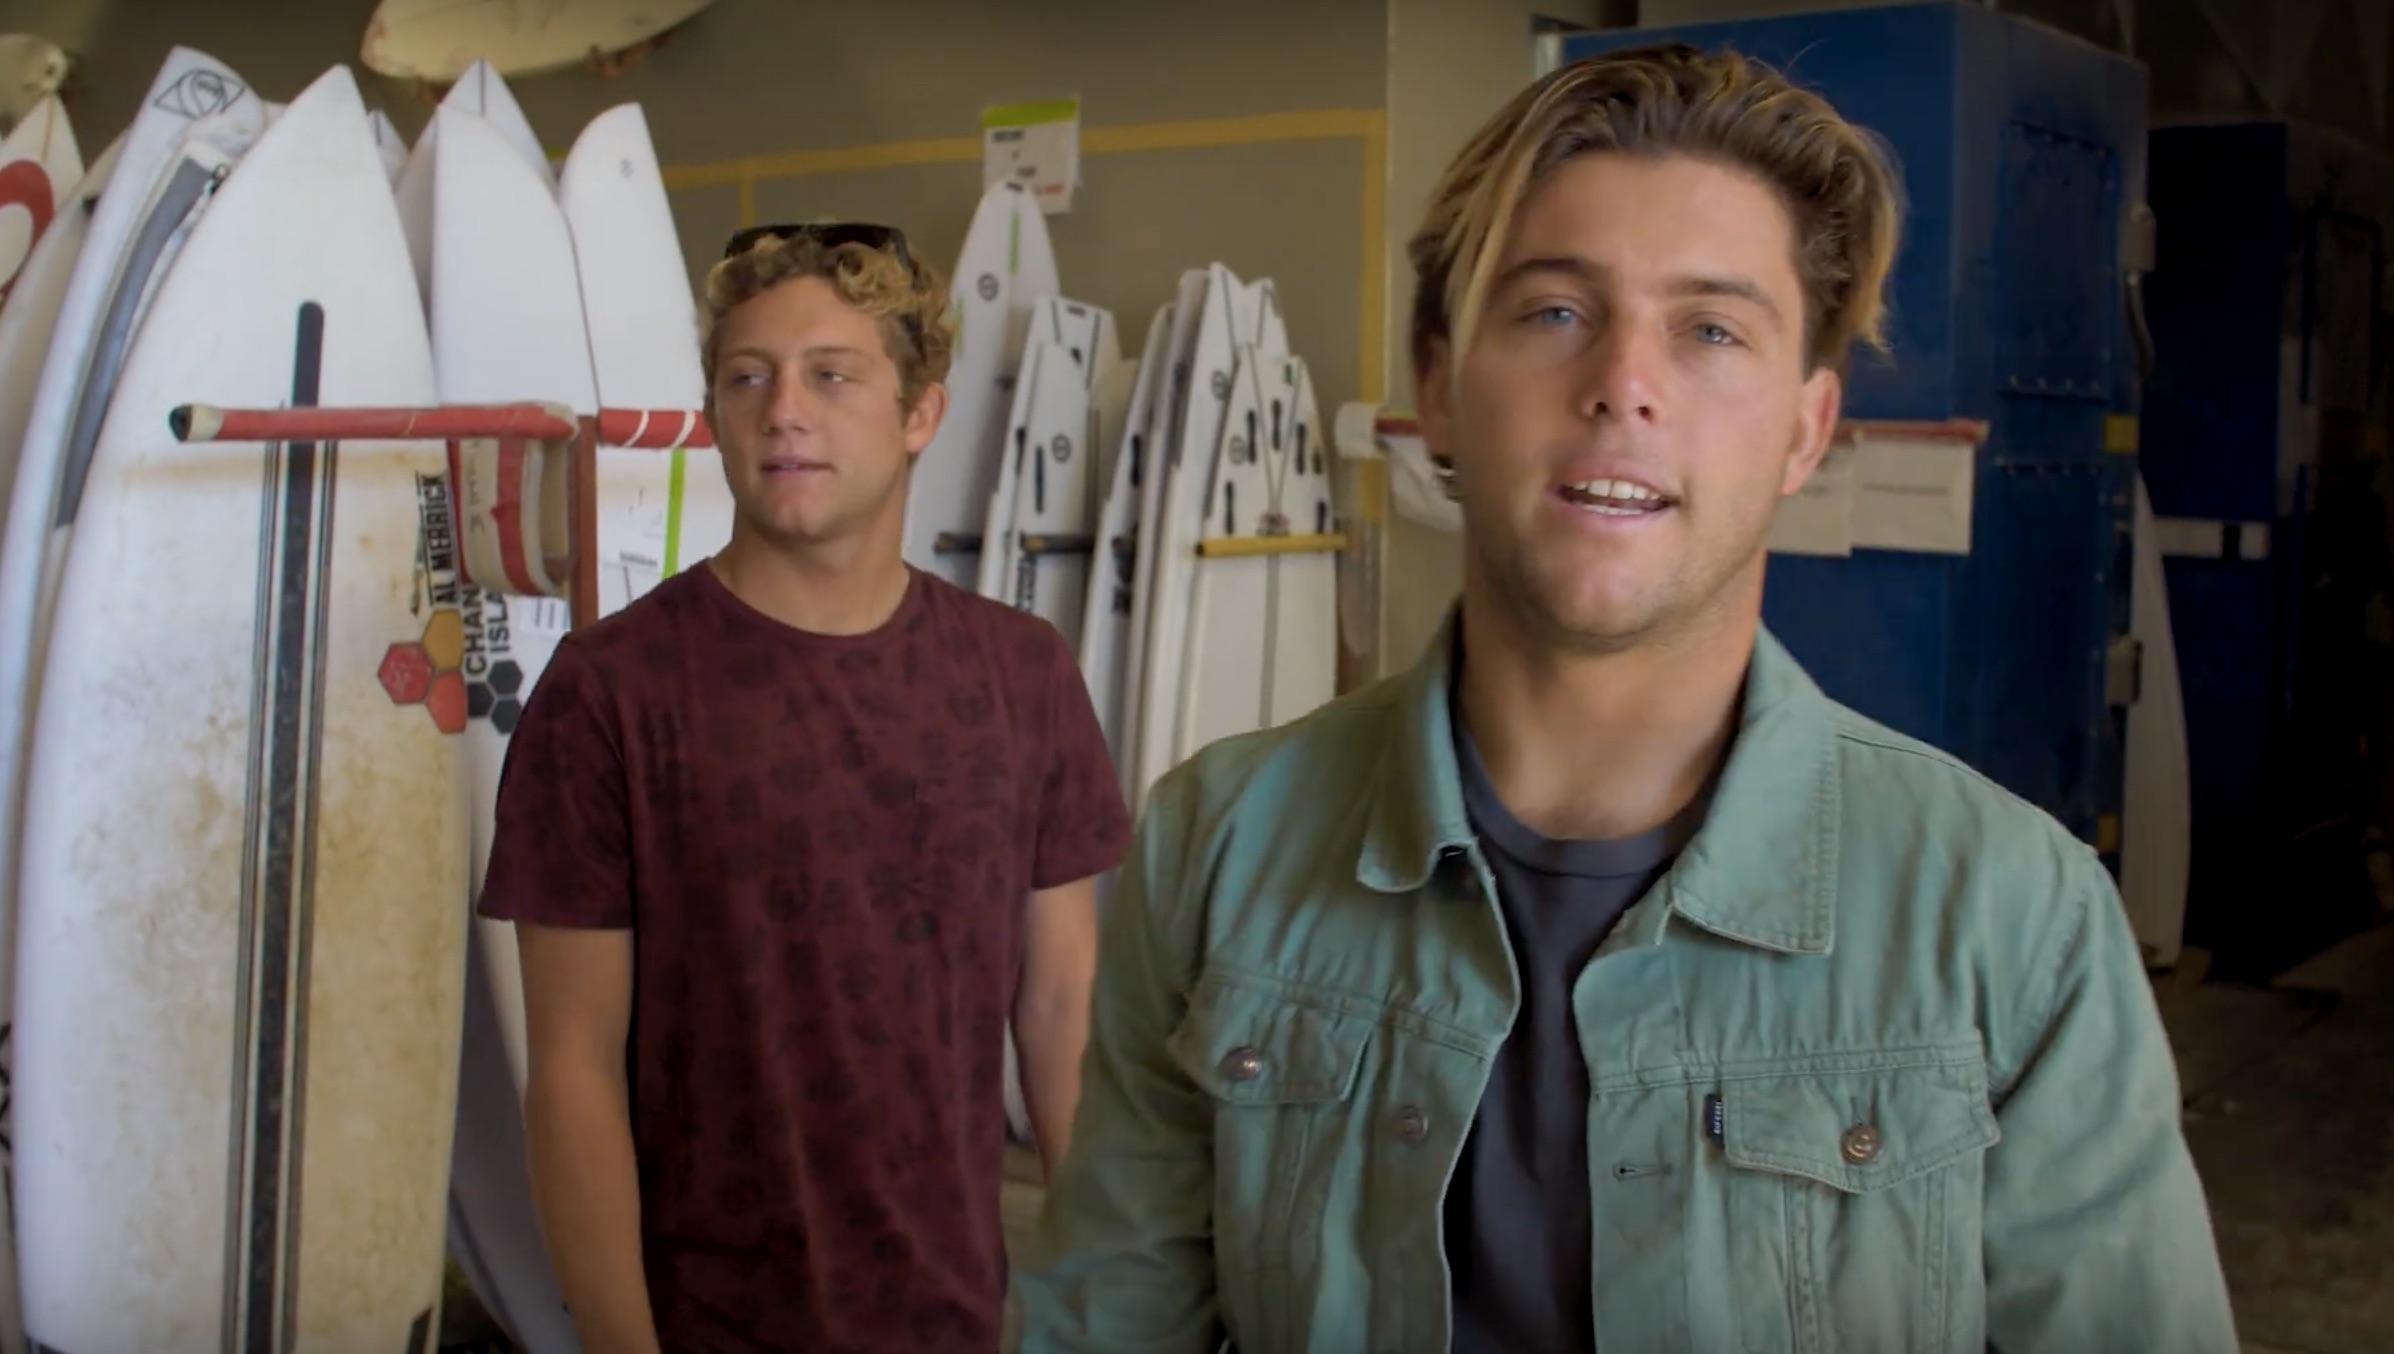 【最新動画】Conner & Parker Coffin兄弟によるYoung Wise Tails最新エピソードは世界一流サーフボードブランドChannel Islands surfboardsのファクトリーを訪問!